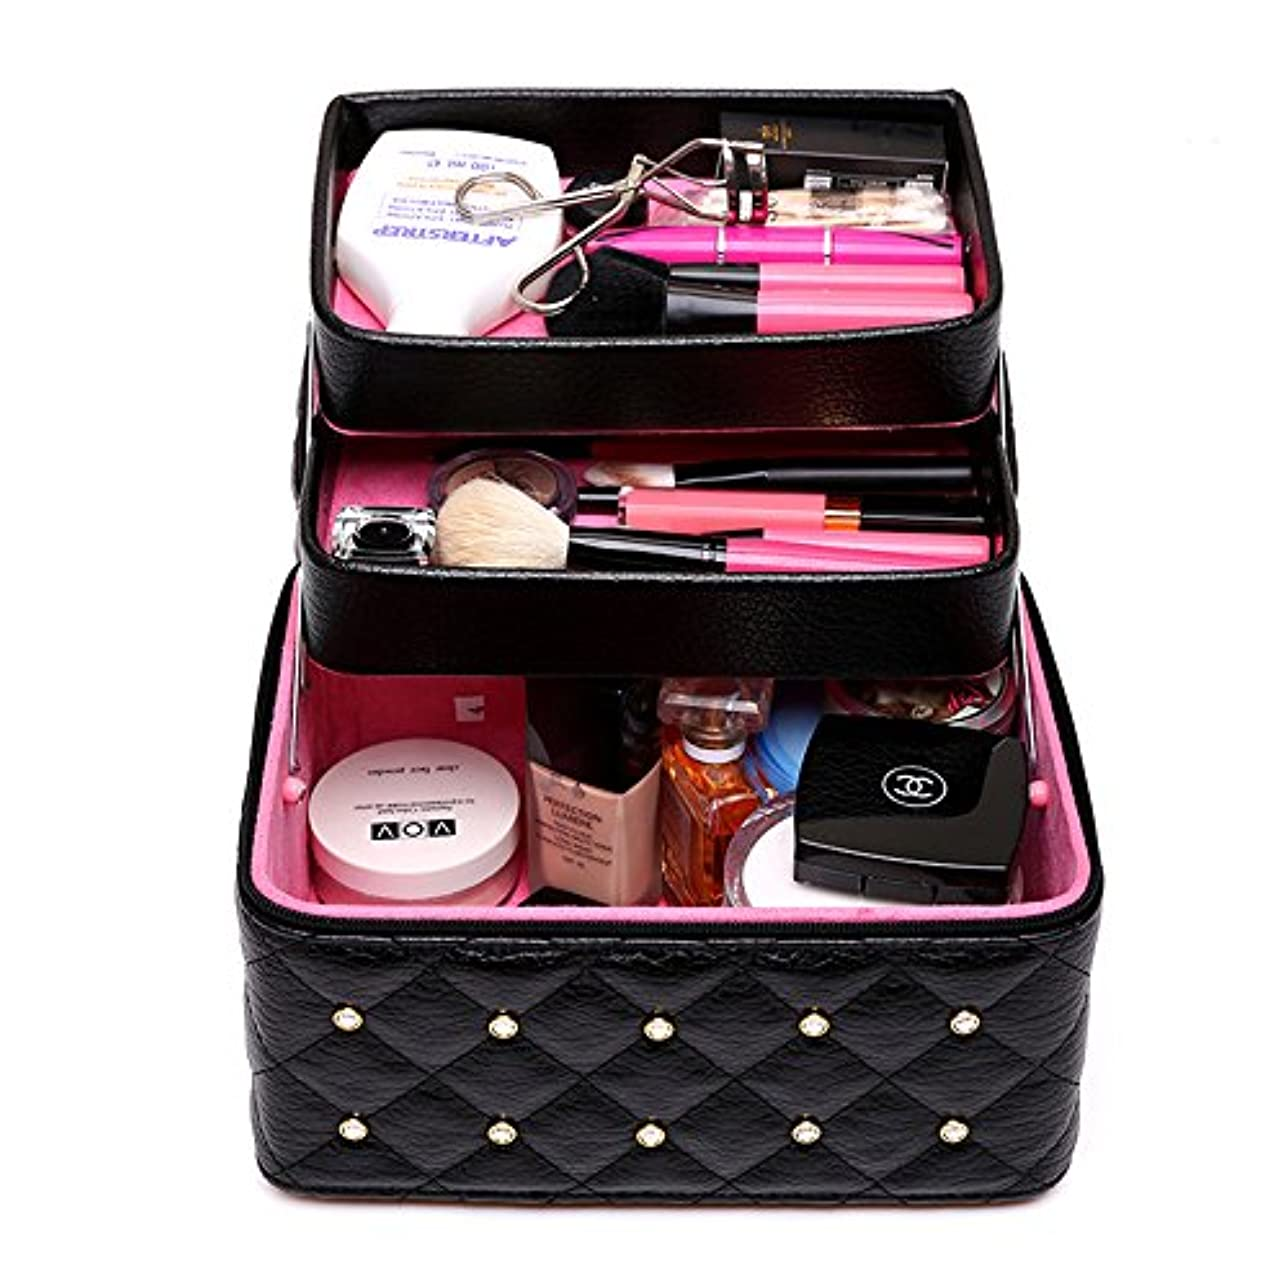 尊敬するゲートウェイエンティティFYX メイクボックス コスメボックス 大容量 化粧品収納ボックス 収納ケース 小物入れ 大容量 取っ手付 (ブラック)